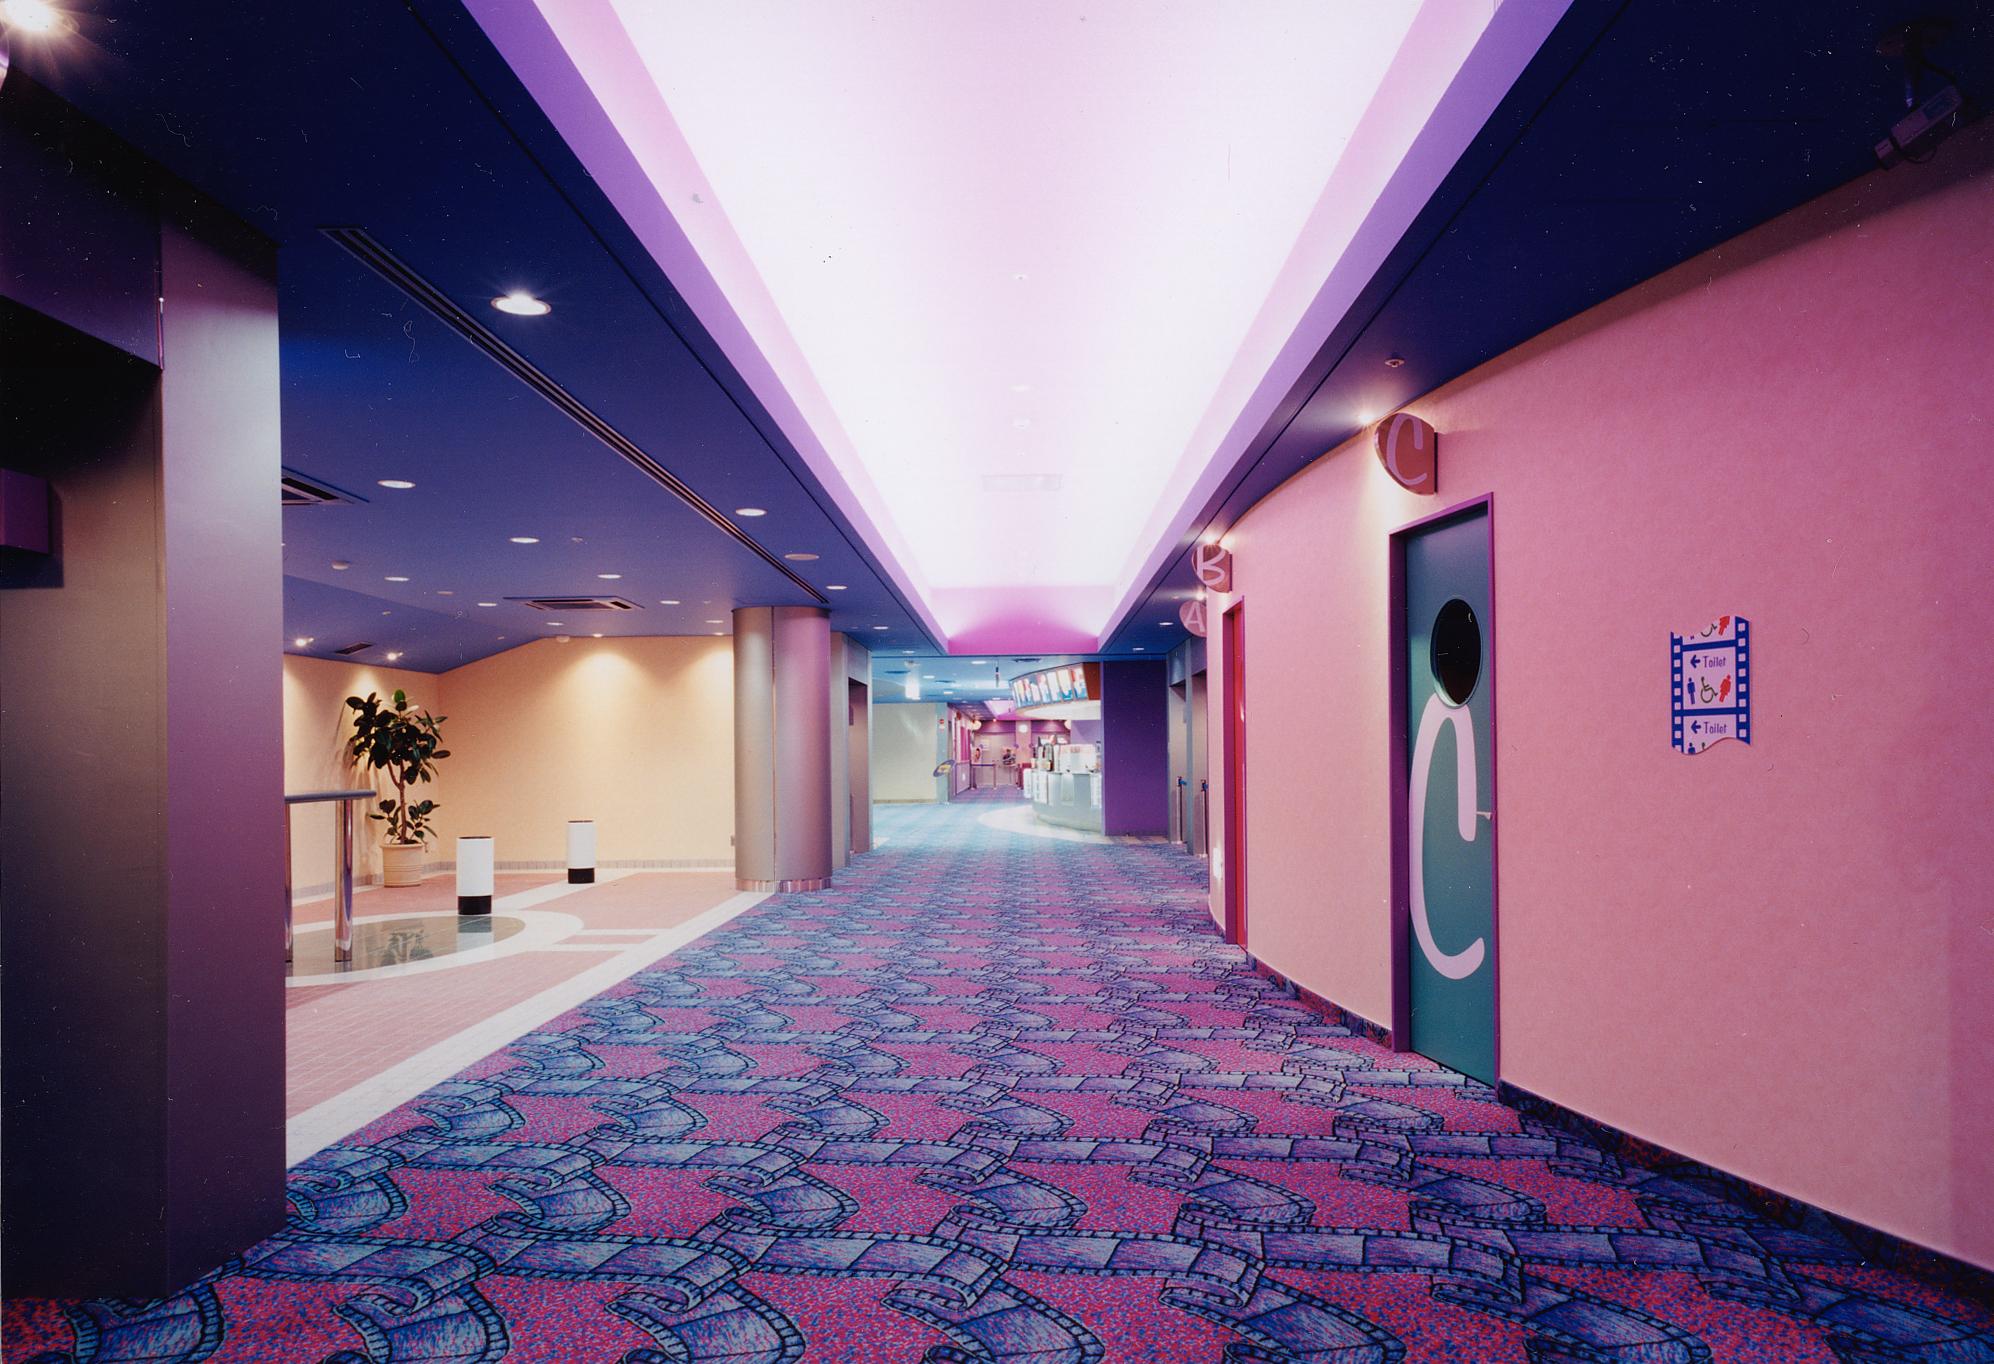 シネマ 金沢 ユナイテッド 【ユナイテッド・シネマ金沢】プロモーションやポップアップの展開に最適な映画館のイベントスペース